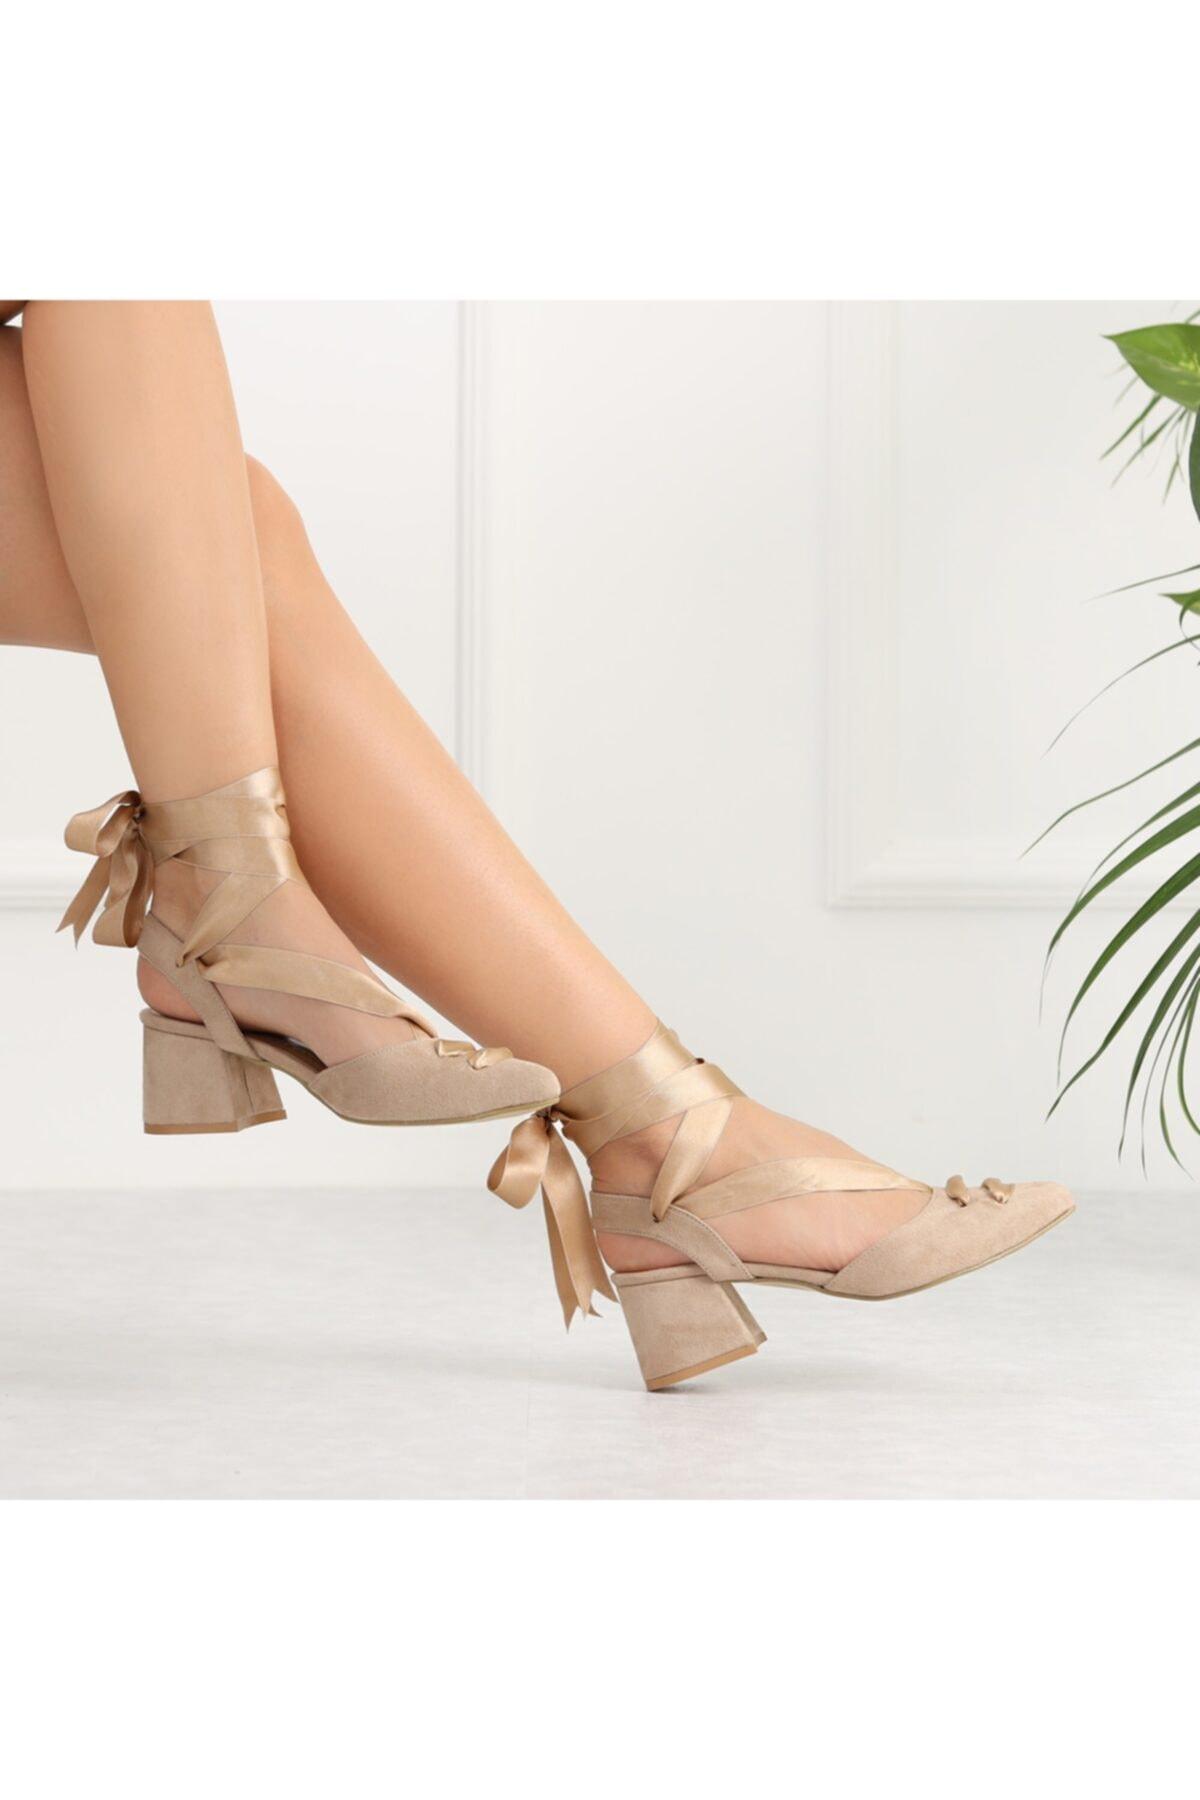 Ayakkabı Delisiyim Lopera Bej Süet Bağlamalı Kısa Topuklu Kadın Ayakkabı 1